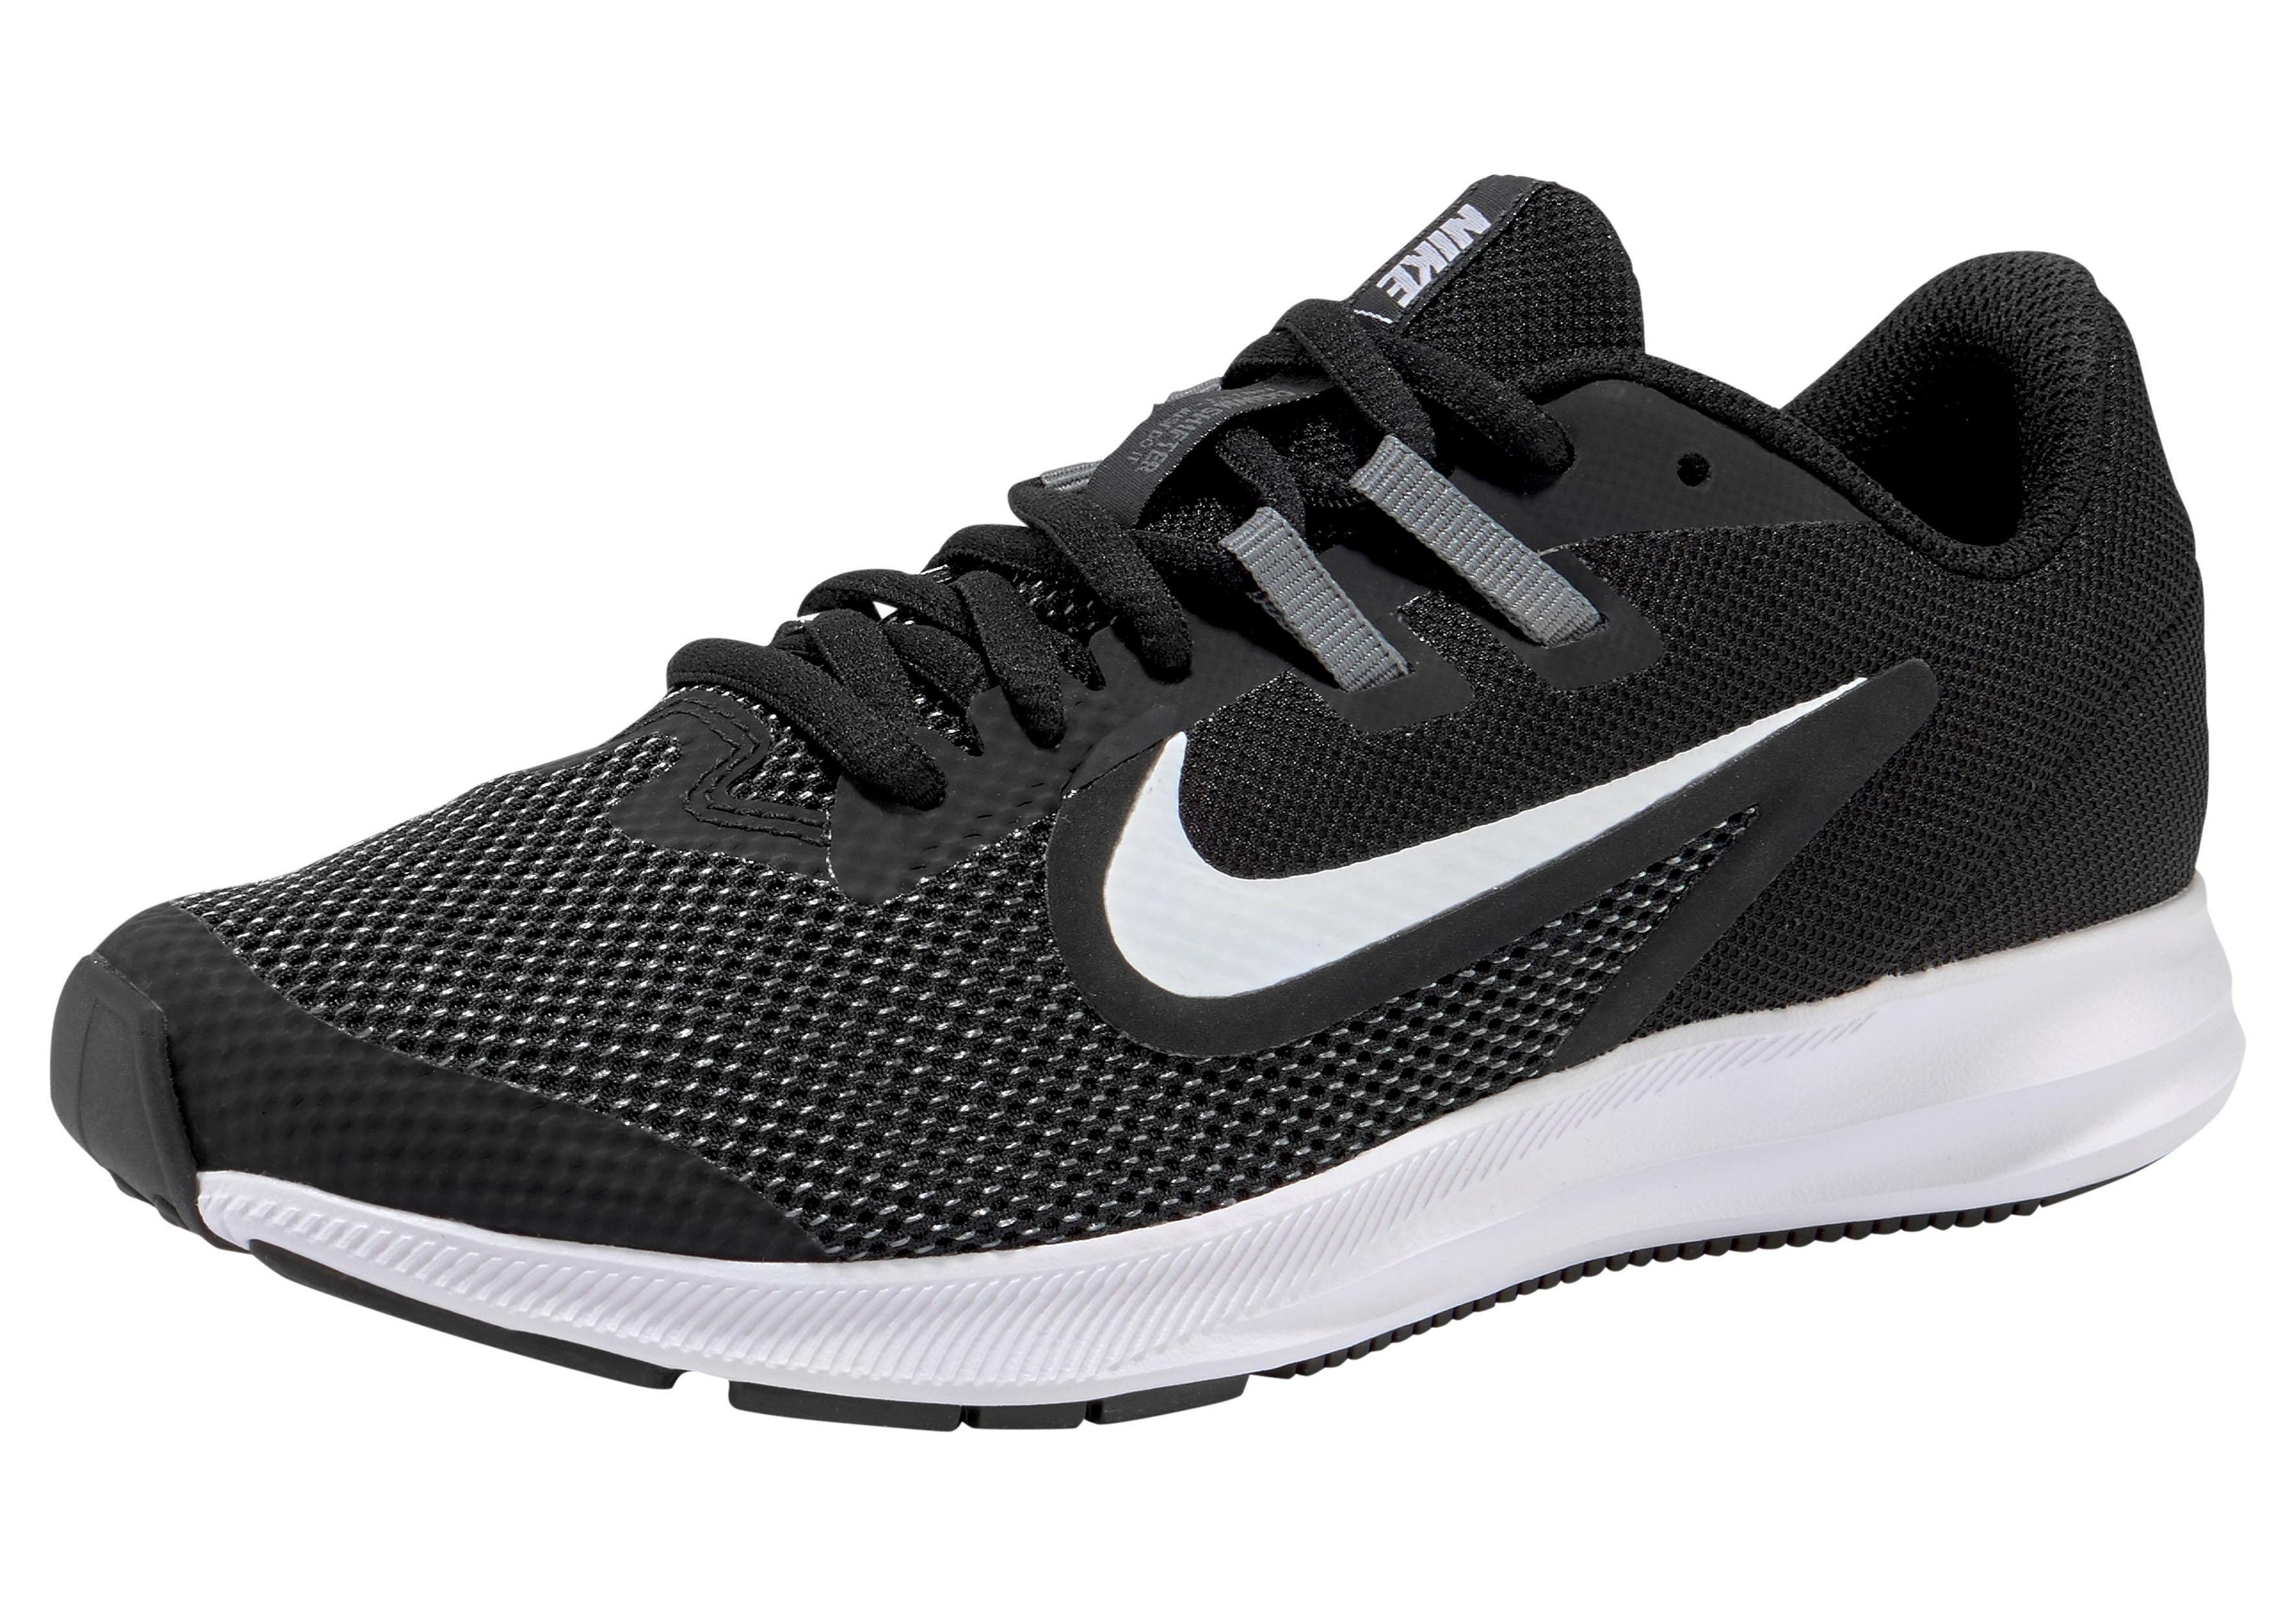 Nike runningschoenen »Downshifter 9« veilig op otto.nl kopen